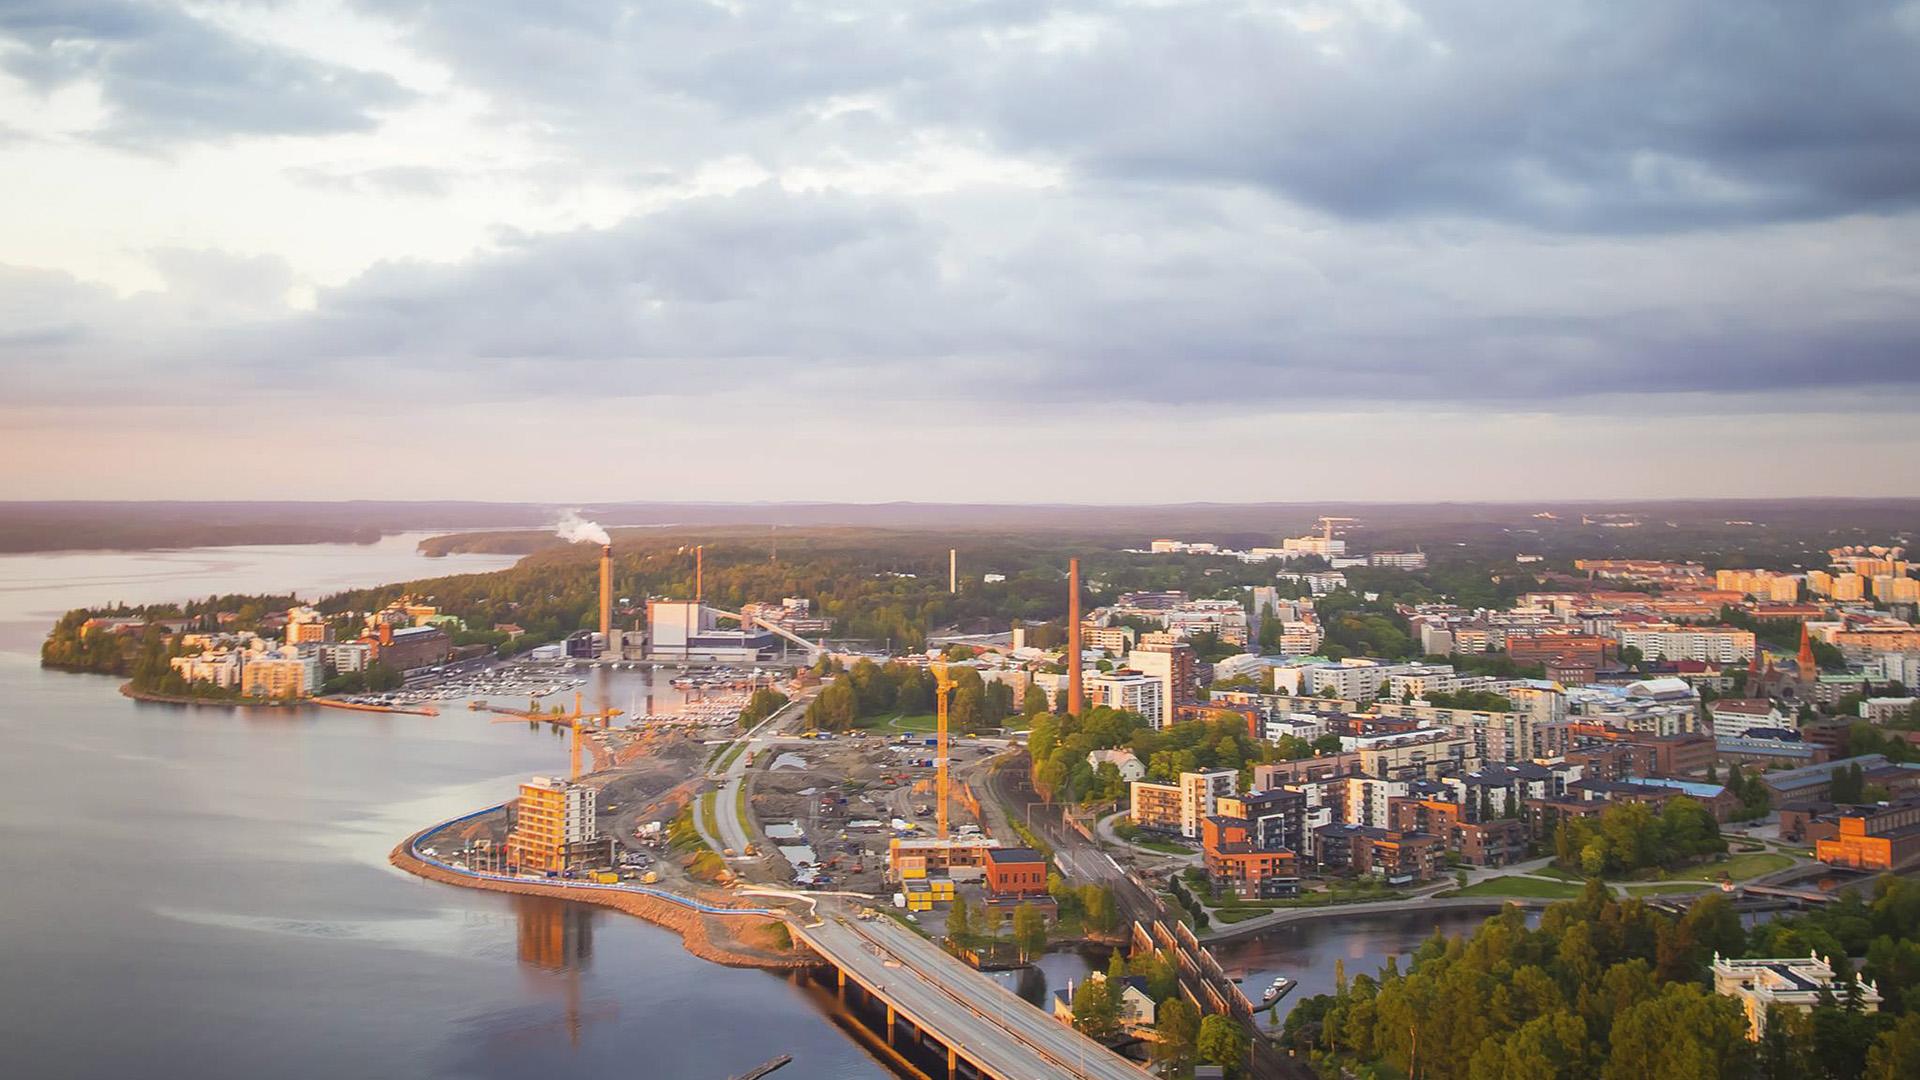 Tampereen kaupunkiseudun yhteistyö siivittää koko alueen kasvua.